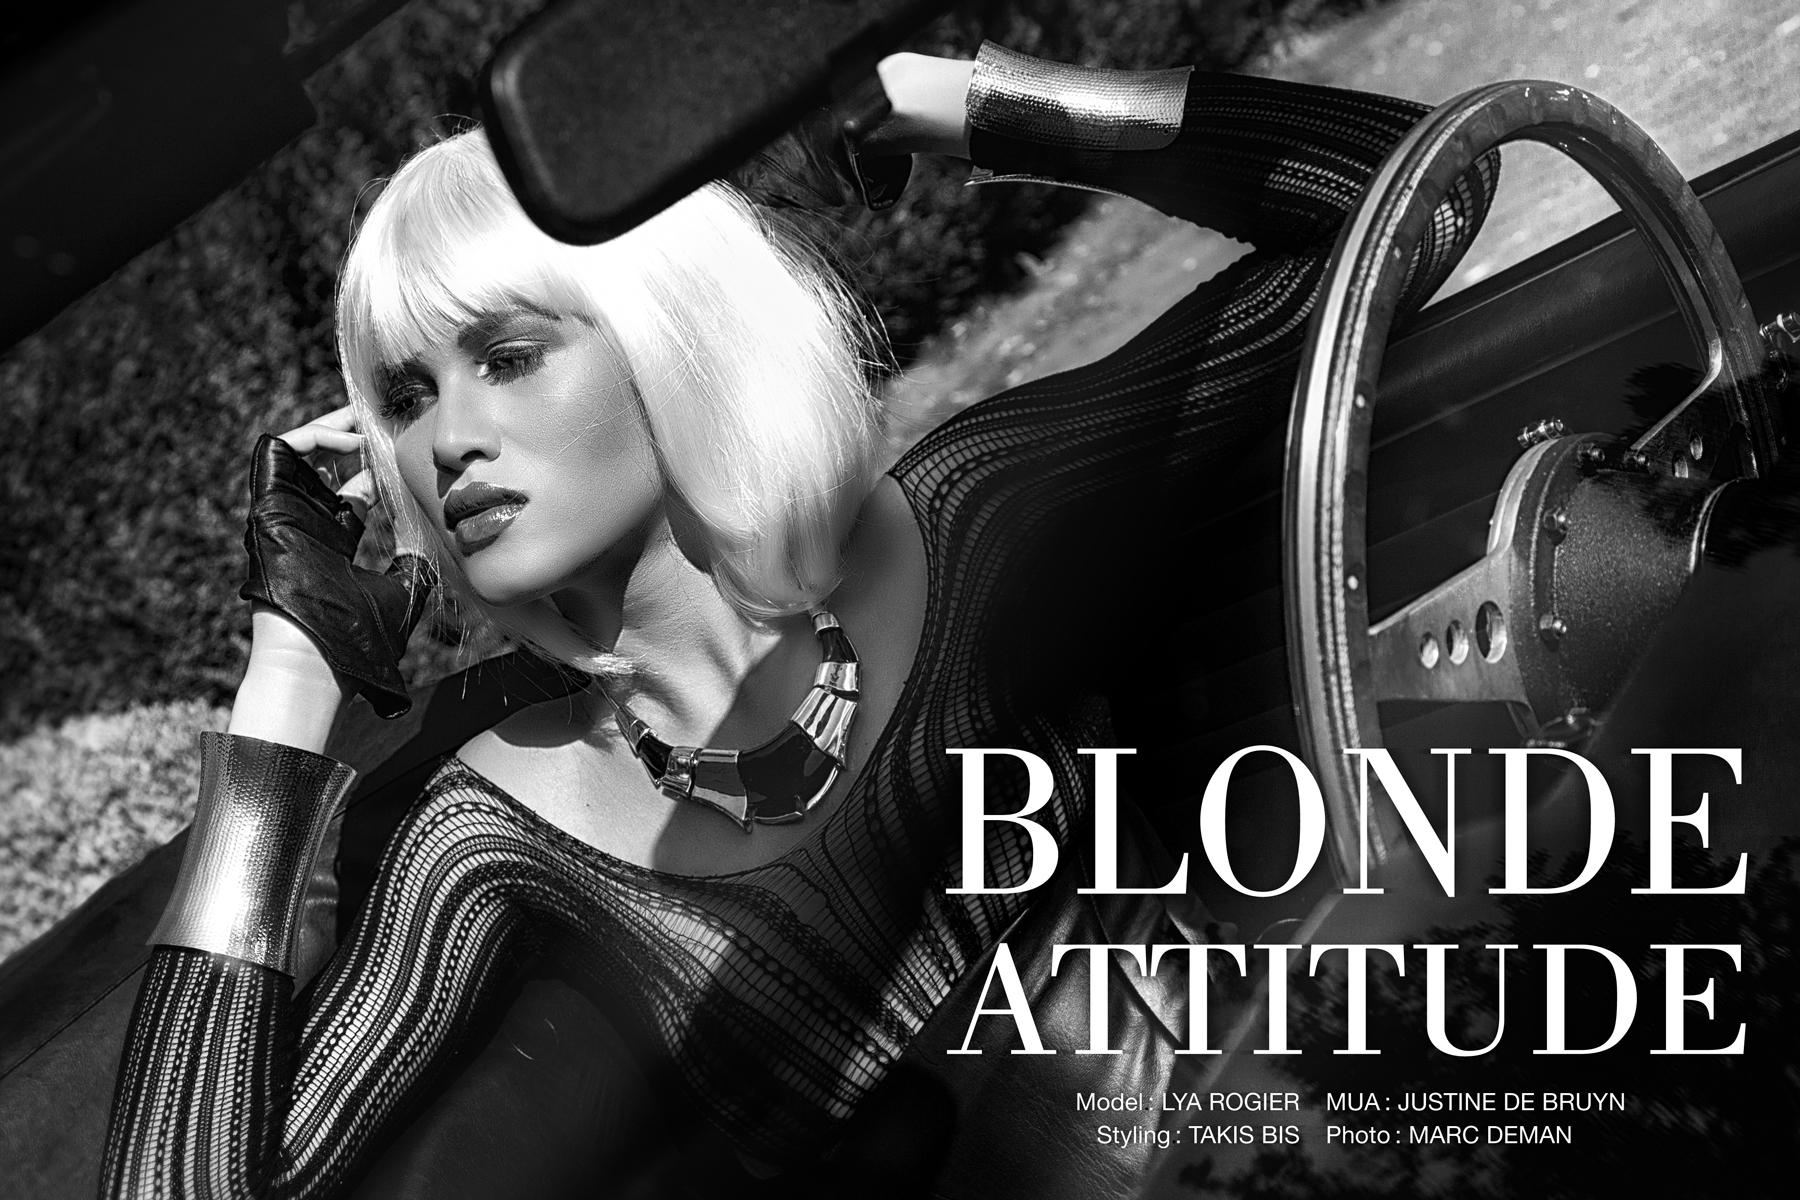 bld_attitude_002